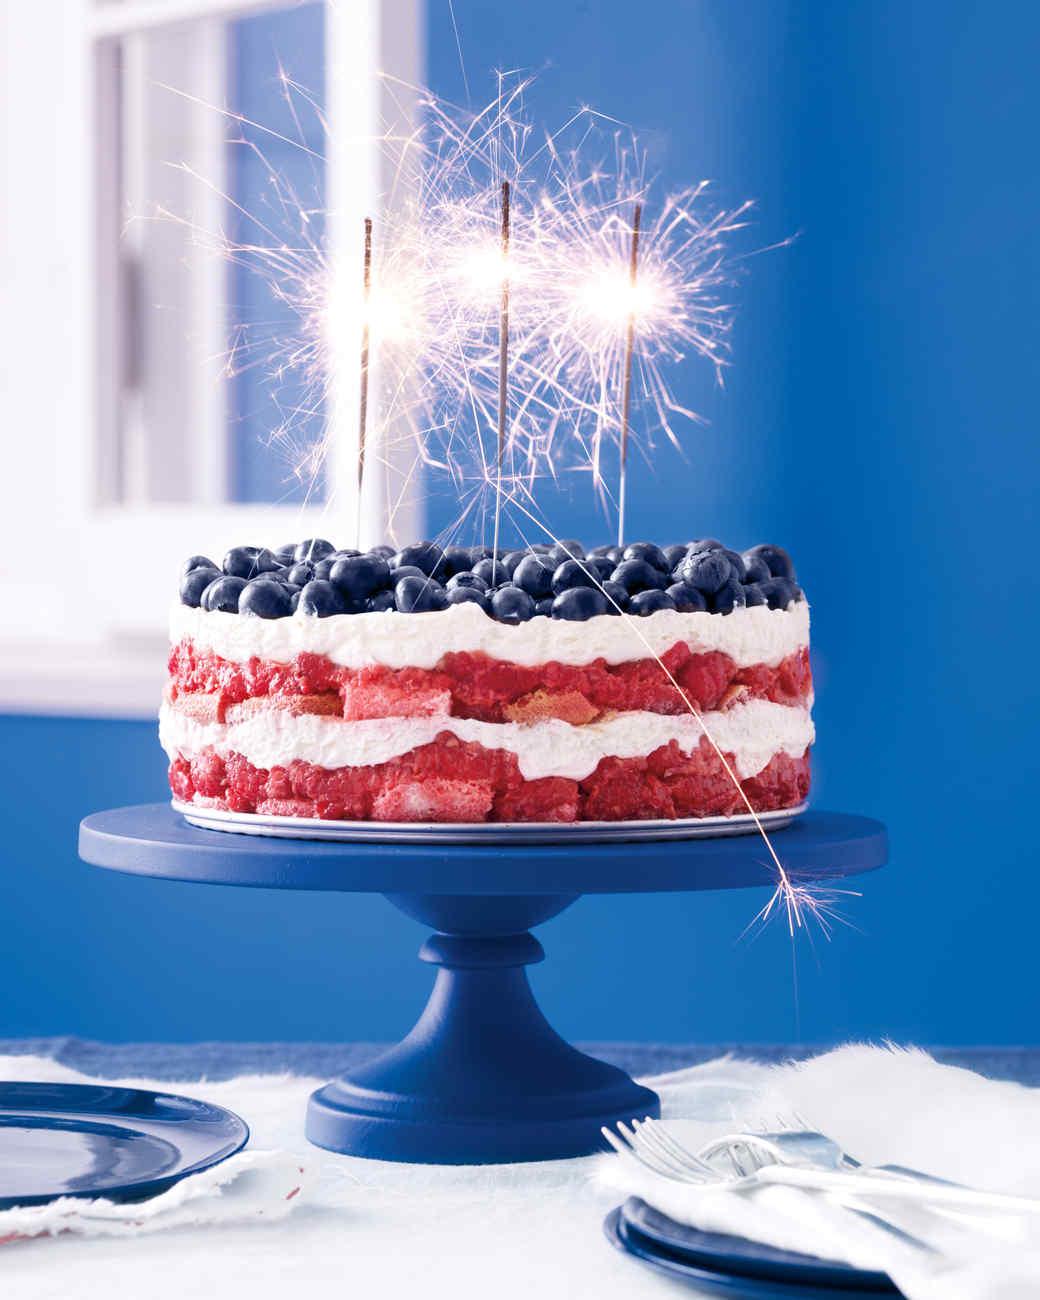 trifle-0711meed107220-jul006e.jpg